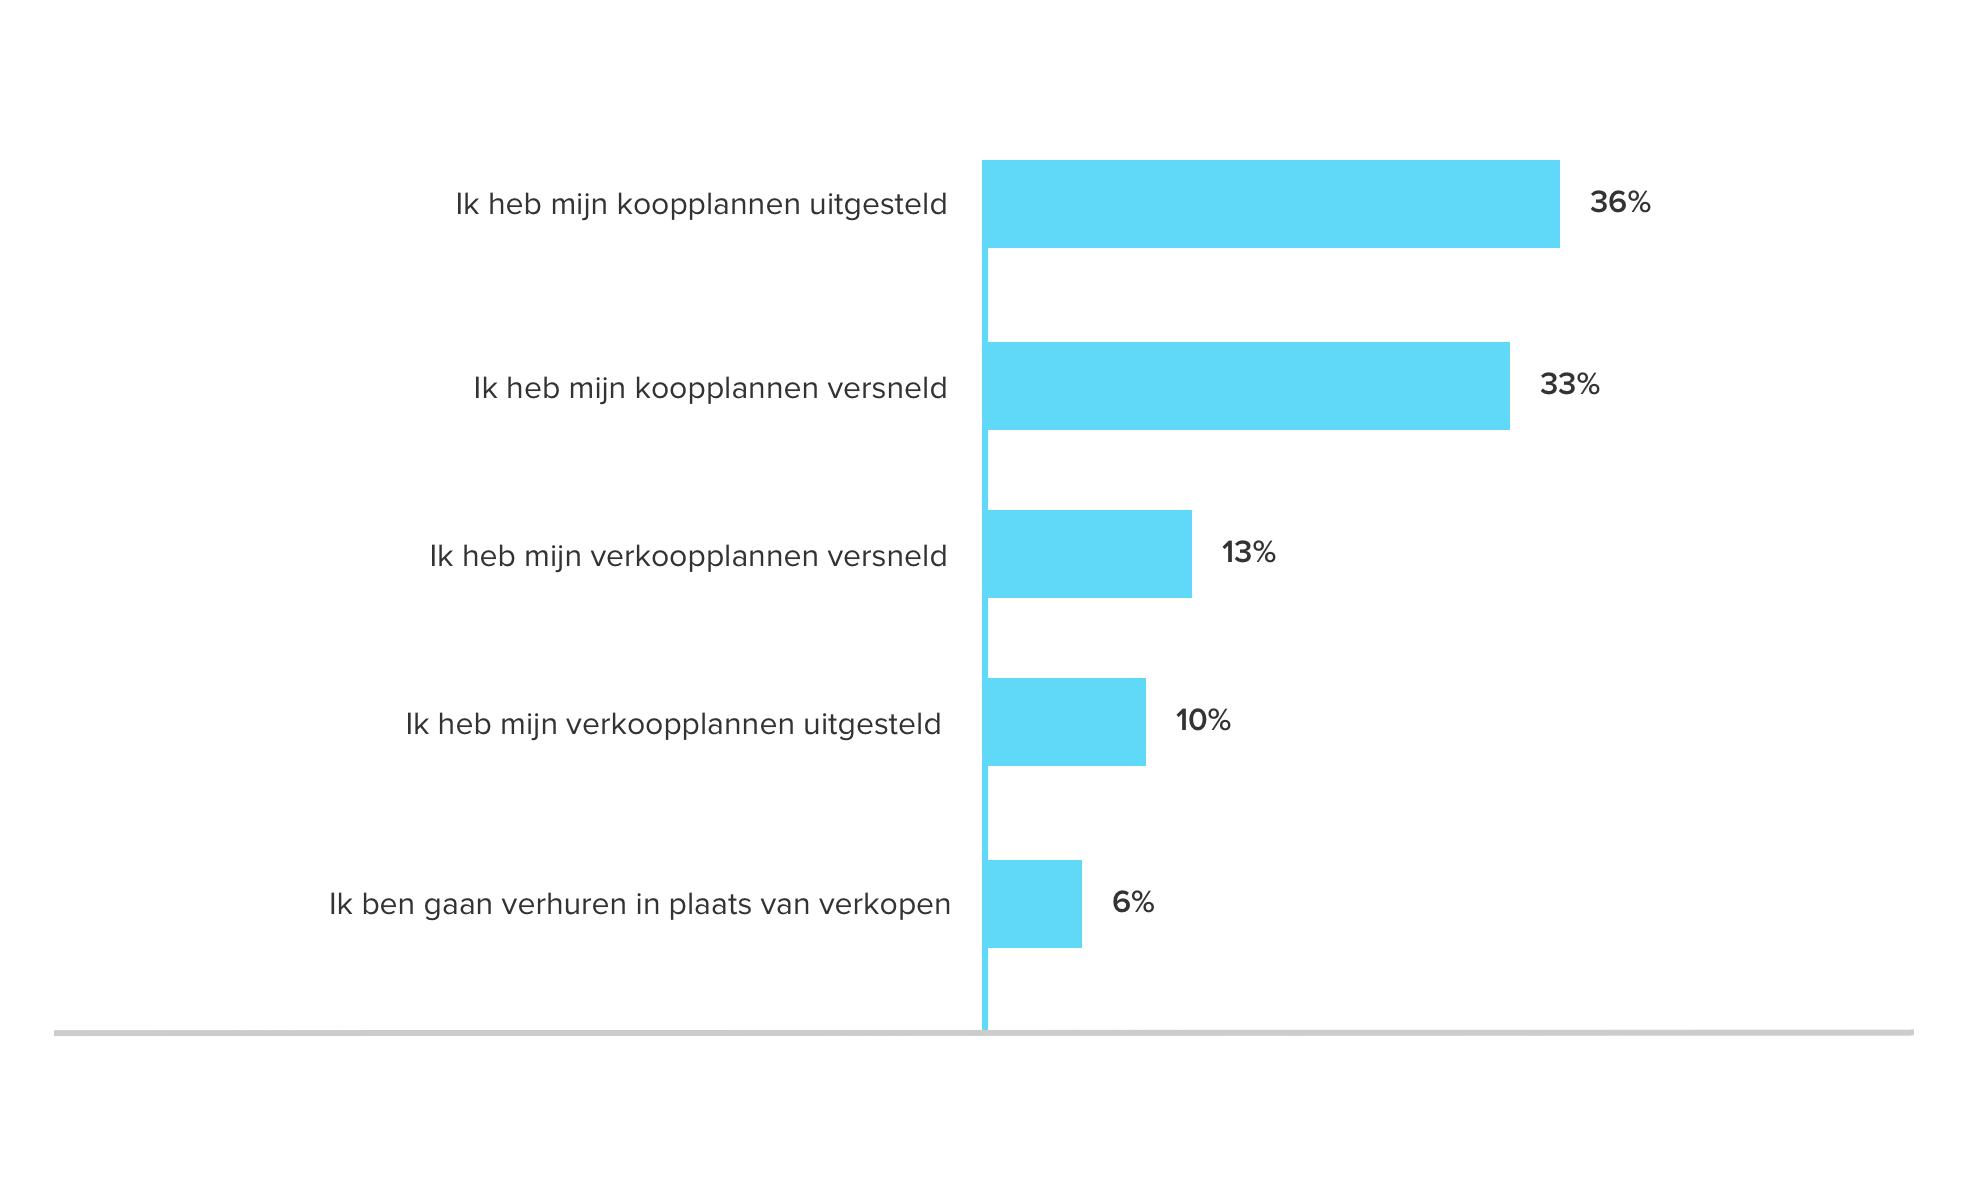 <i>Antwoorden van consumenten op de vraag 'Welke invloed heeft corona gehad op je koop- en/of verkoopplannen?'</i>